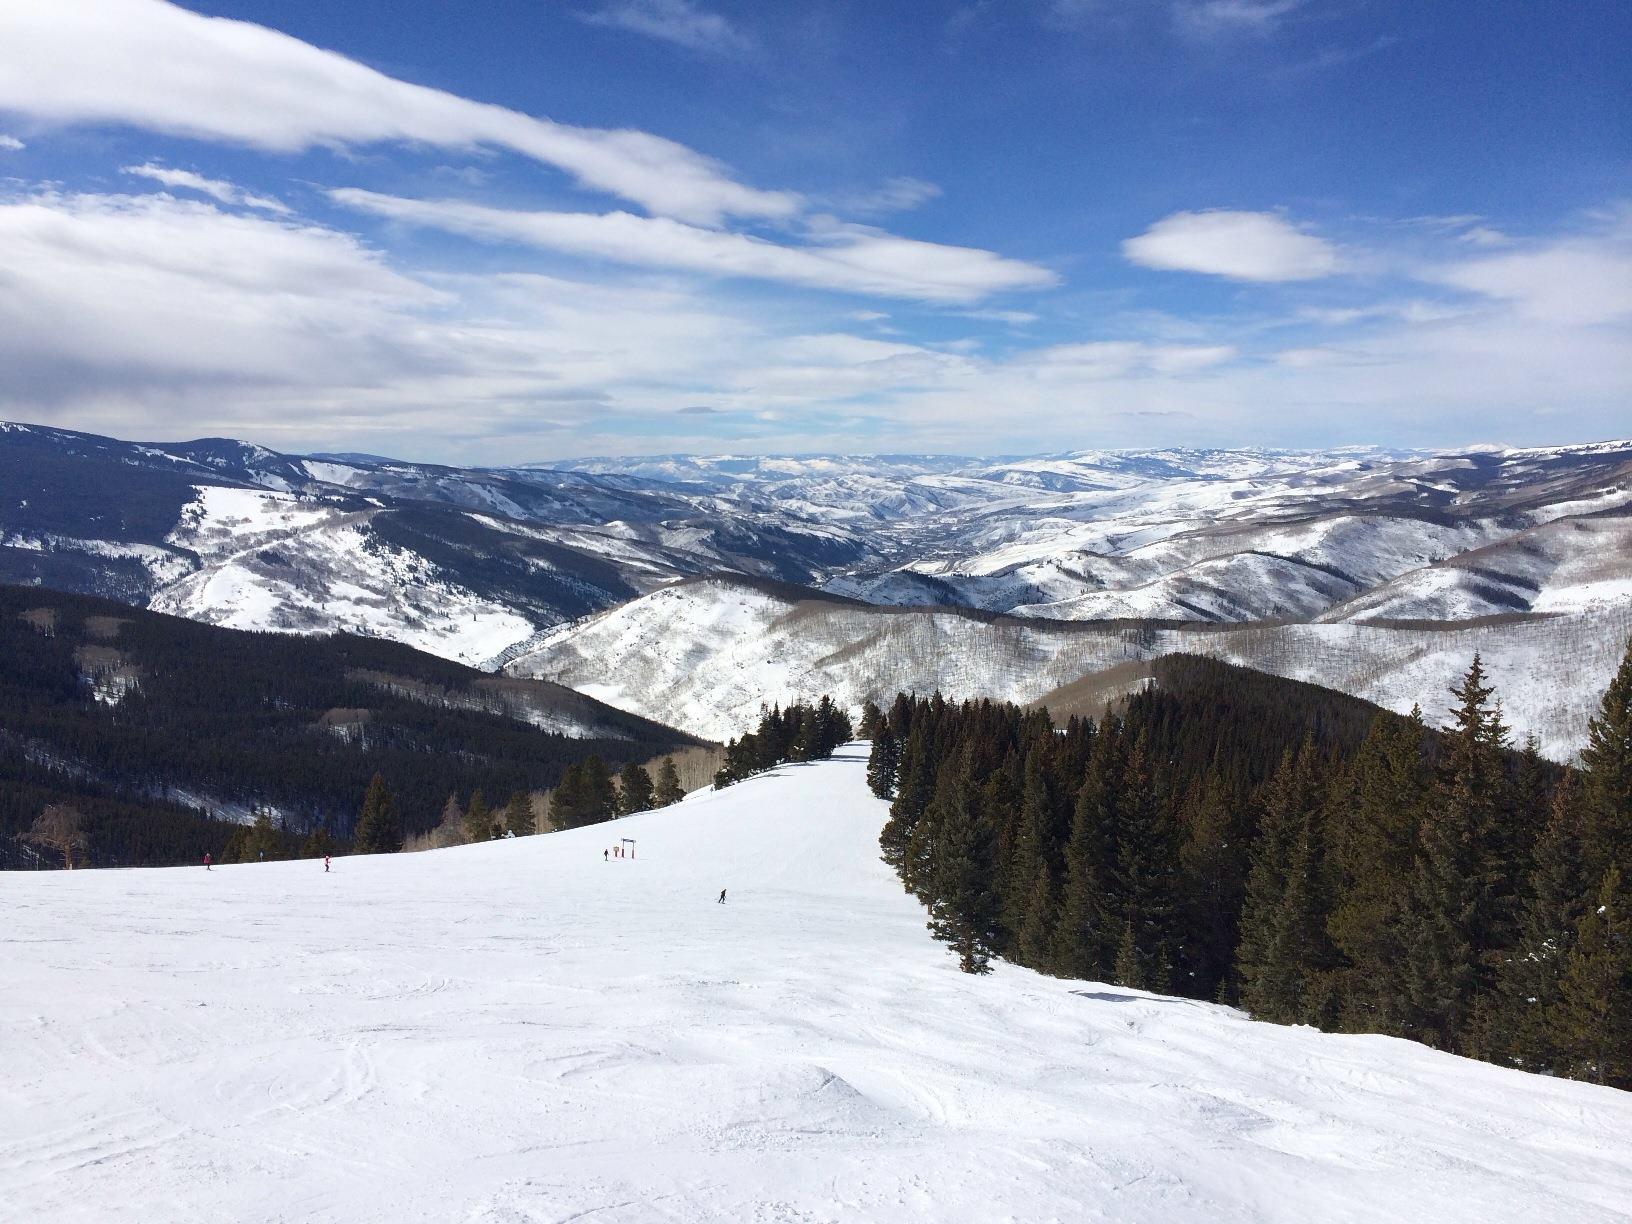 USA Skireise. Beaver Creek und Vail, Colorado. winterurlaub usa schnee land und leute familie karibik mittelamerika  tui berlin colorado beaver creek amerika panorama